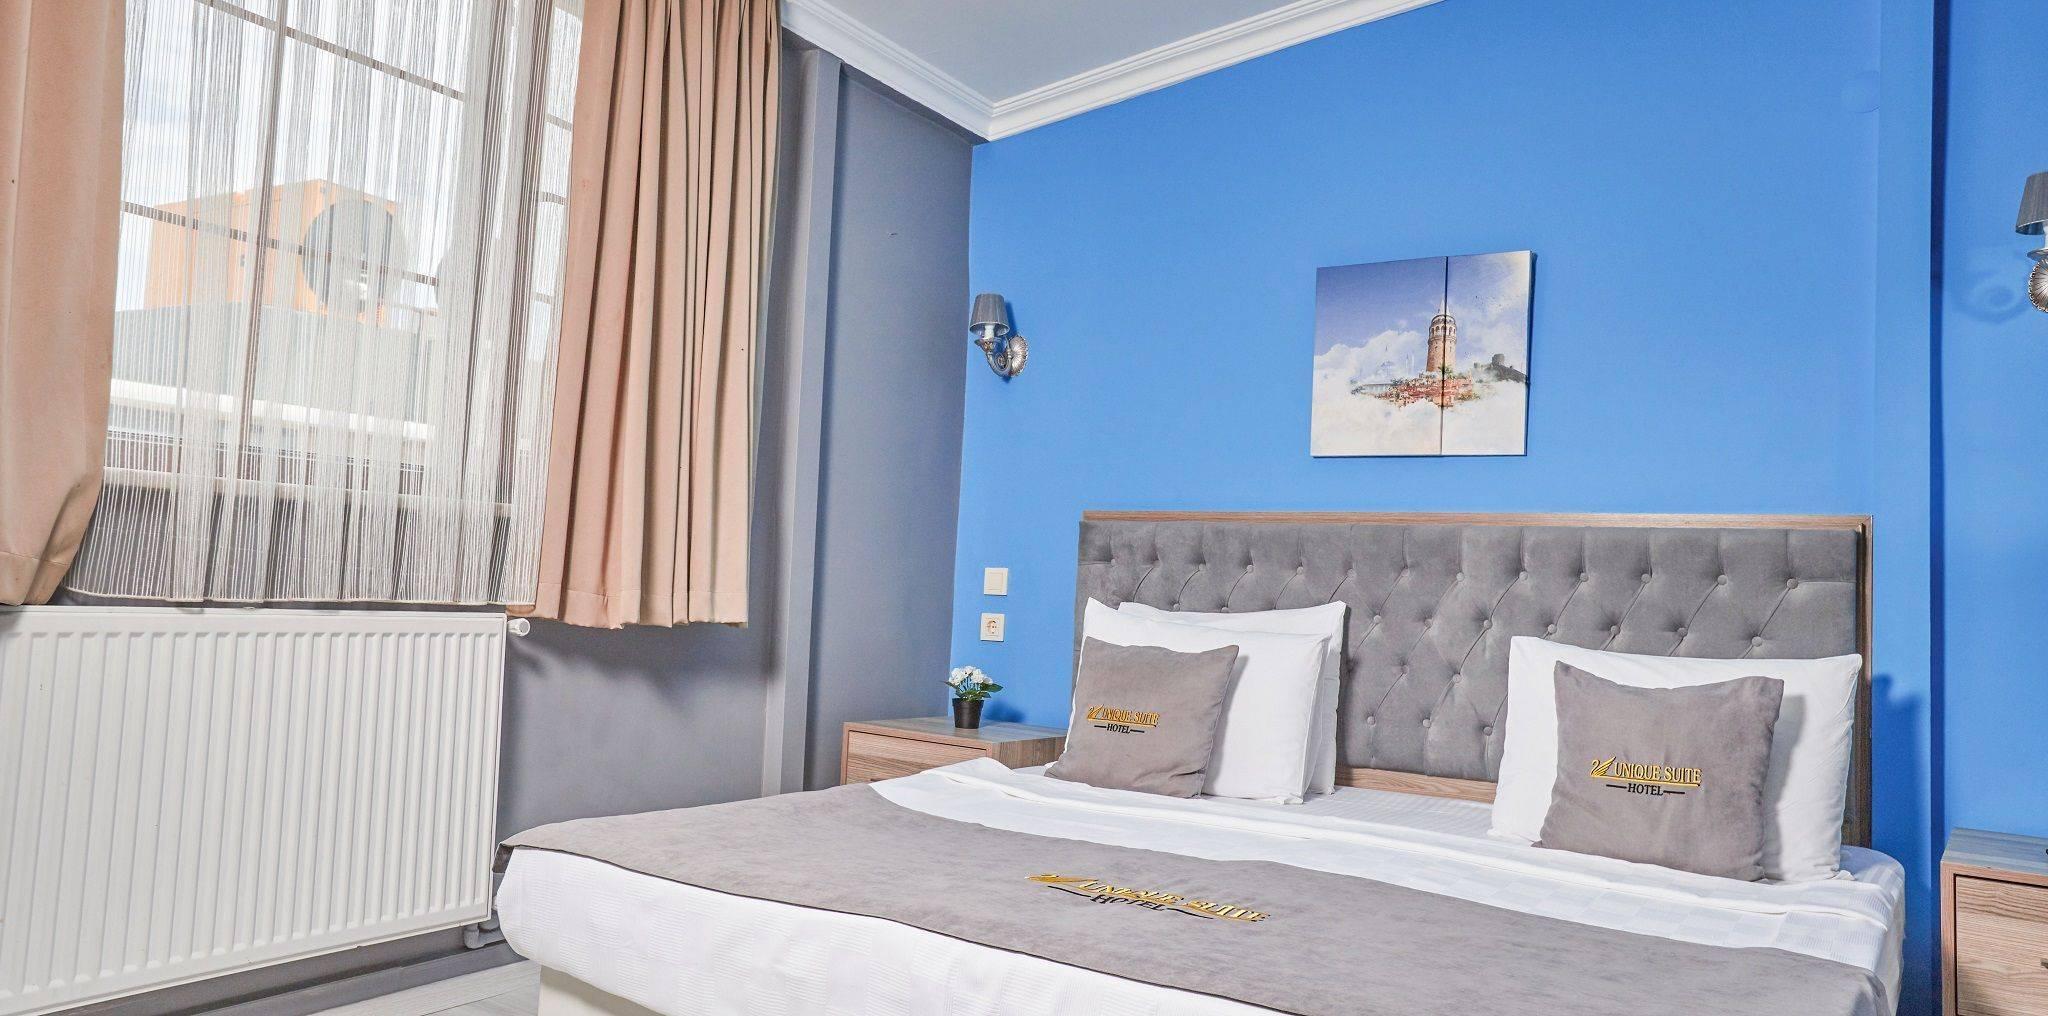 Unique Suite Otel, İstanbul, Beyoğlu, 30510